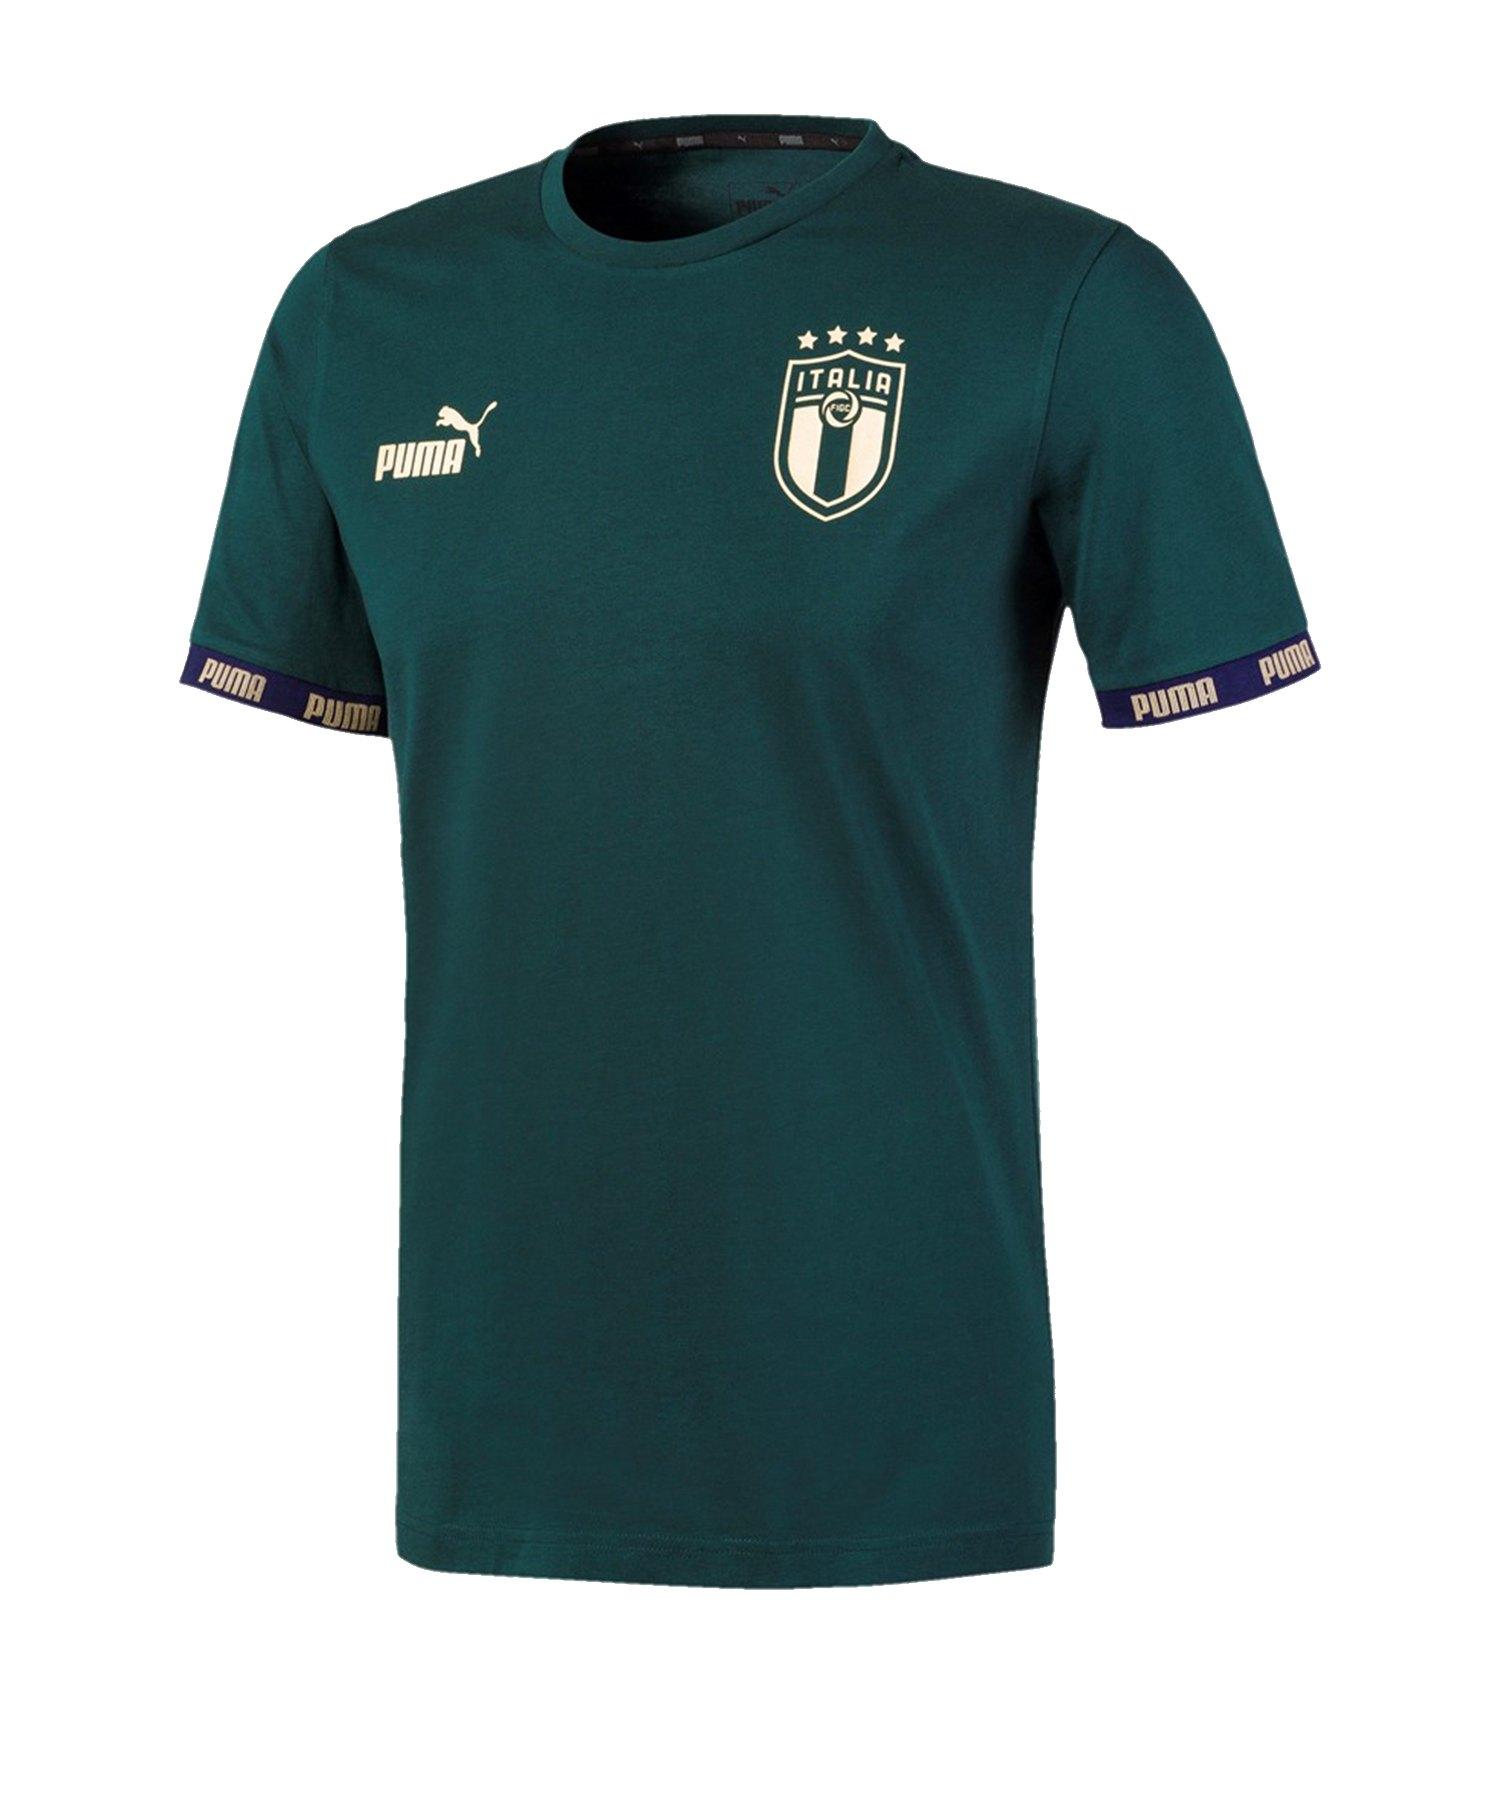 PUMA Italien FtblCulture T-Shirt Grün F03 - gruen